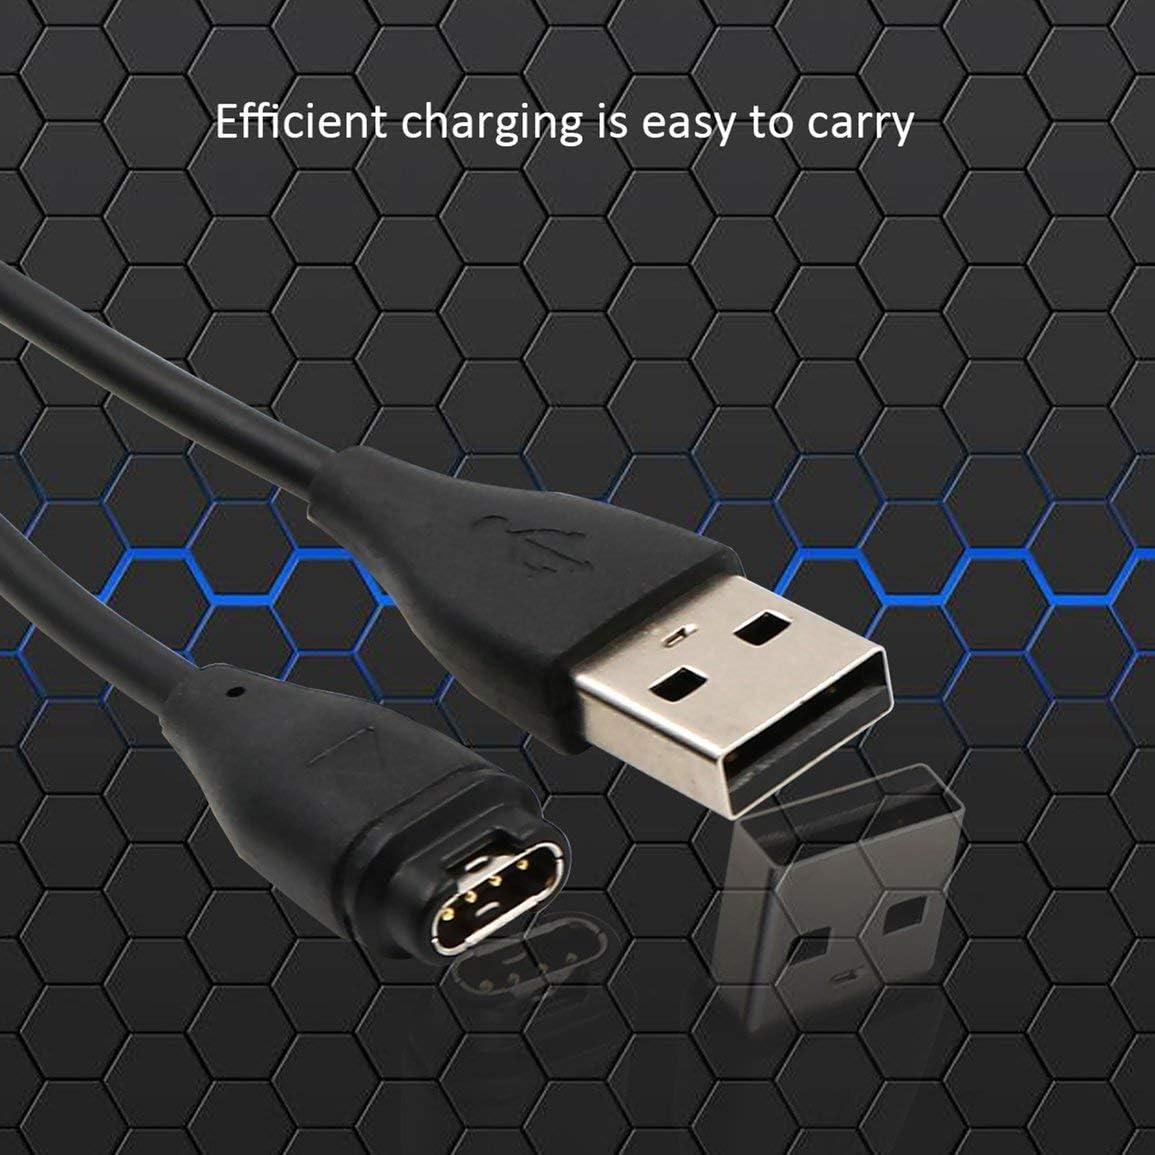 Noir 3.3ft Chargeur Rapide Charge C/âble Sync Donn/ées C/âble pour Garmin Fenix 5 5S 5X Fenix5 5S X Forerunne 935 Vivoactive 3 1m